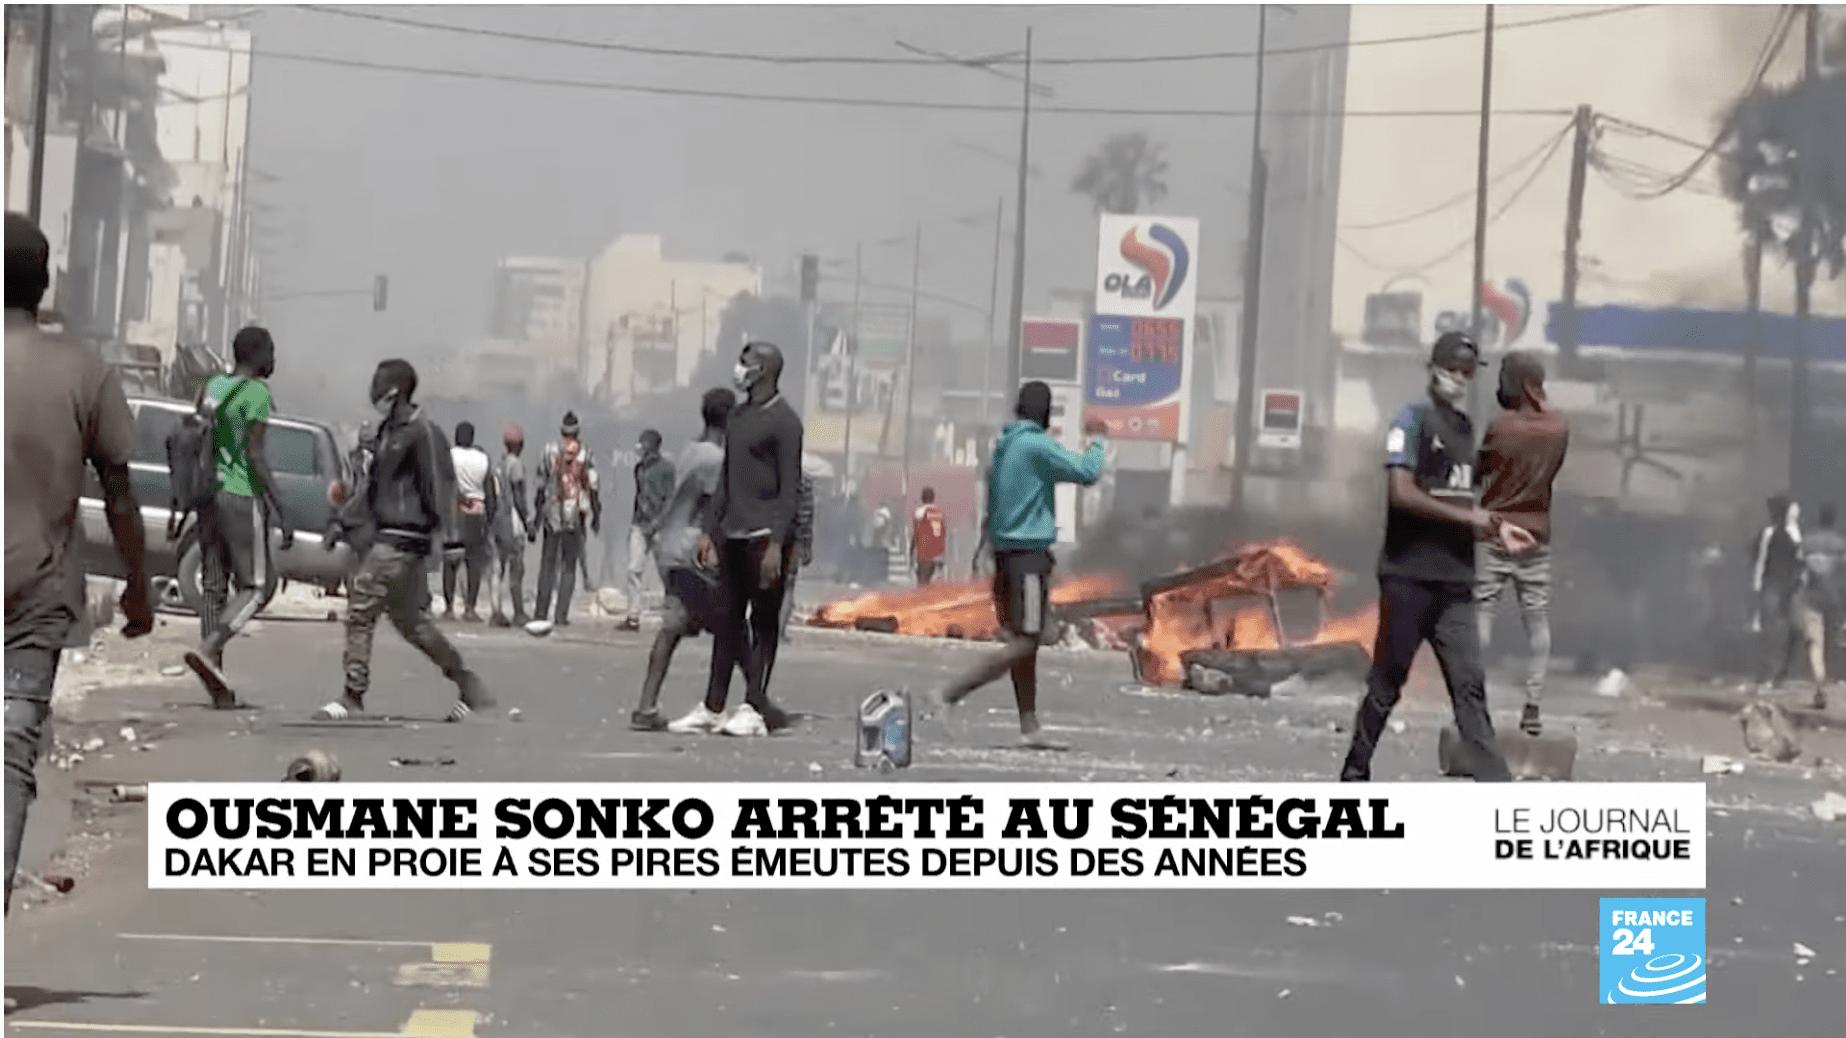 Sénégal : Quatre morts dans les pires émeutes depuis des années